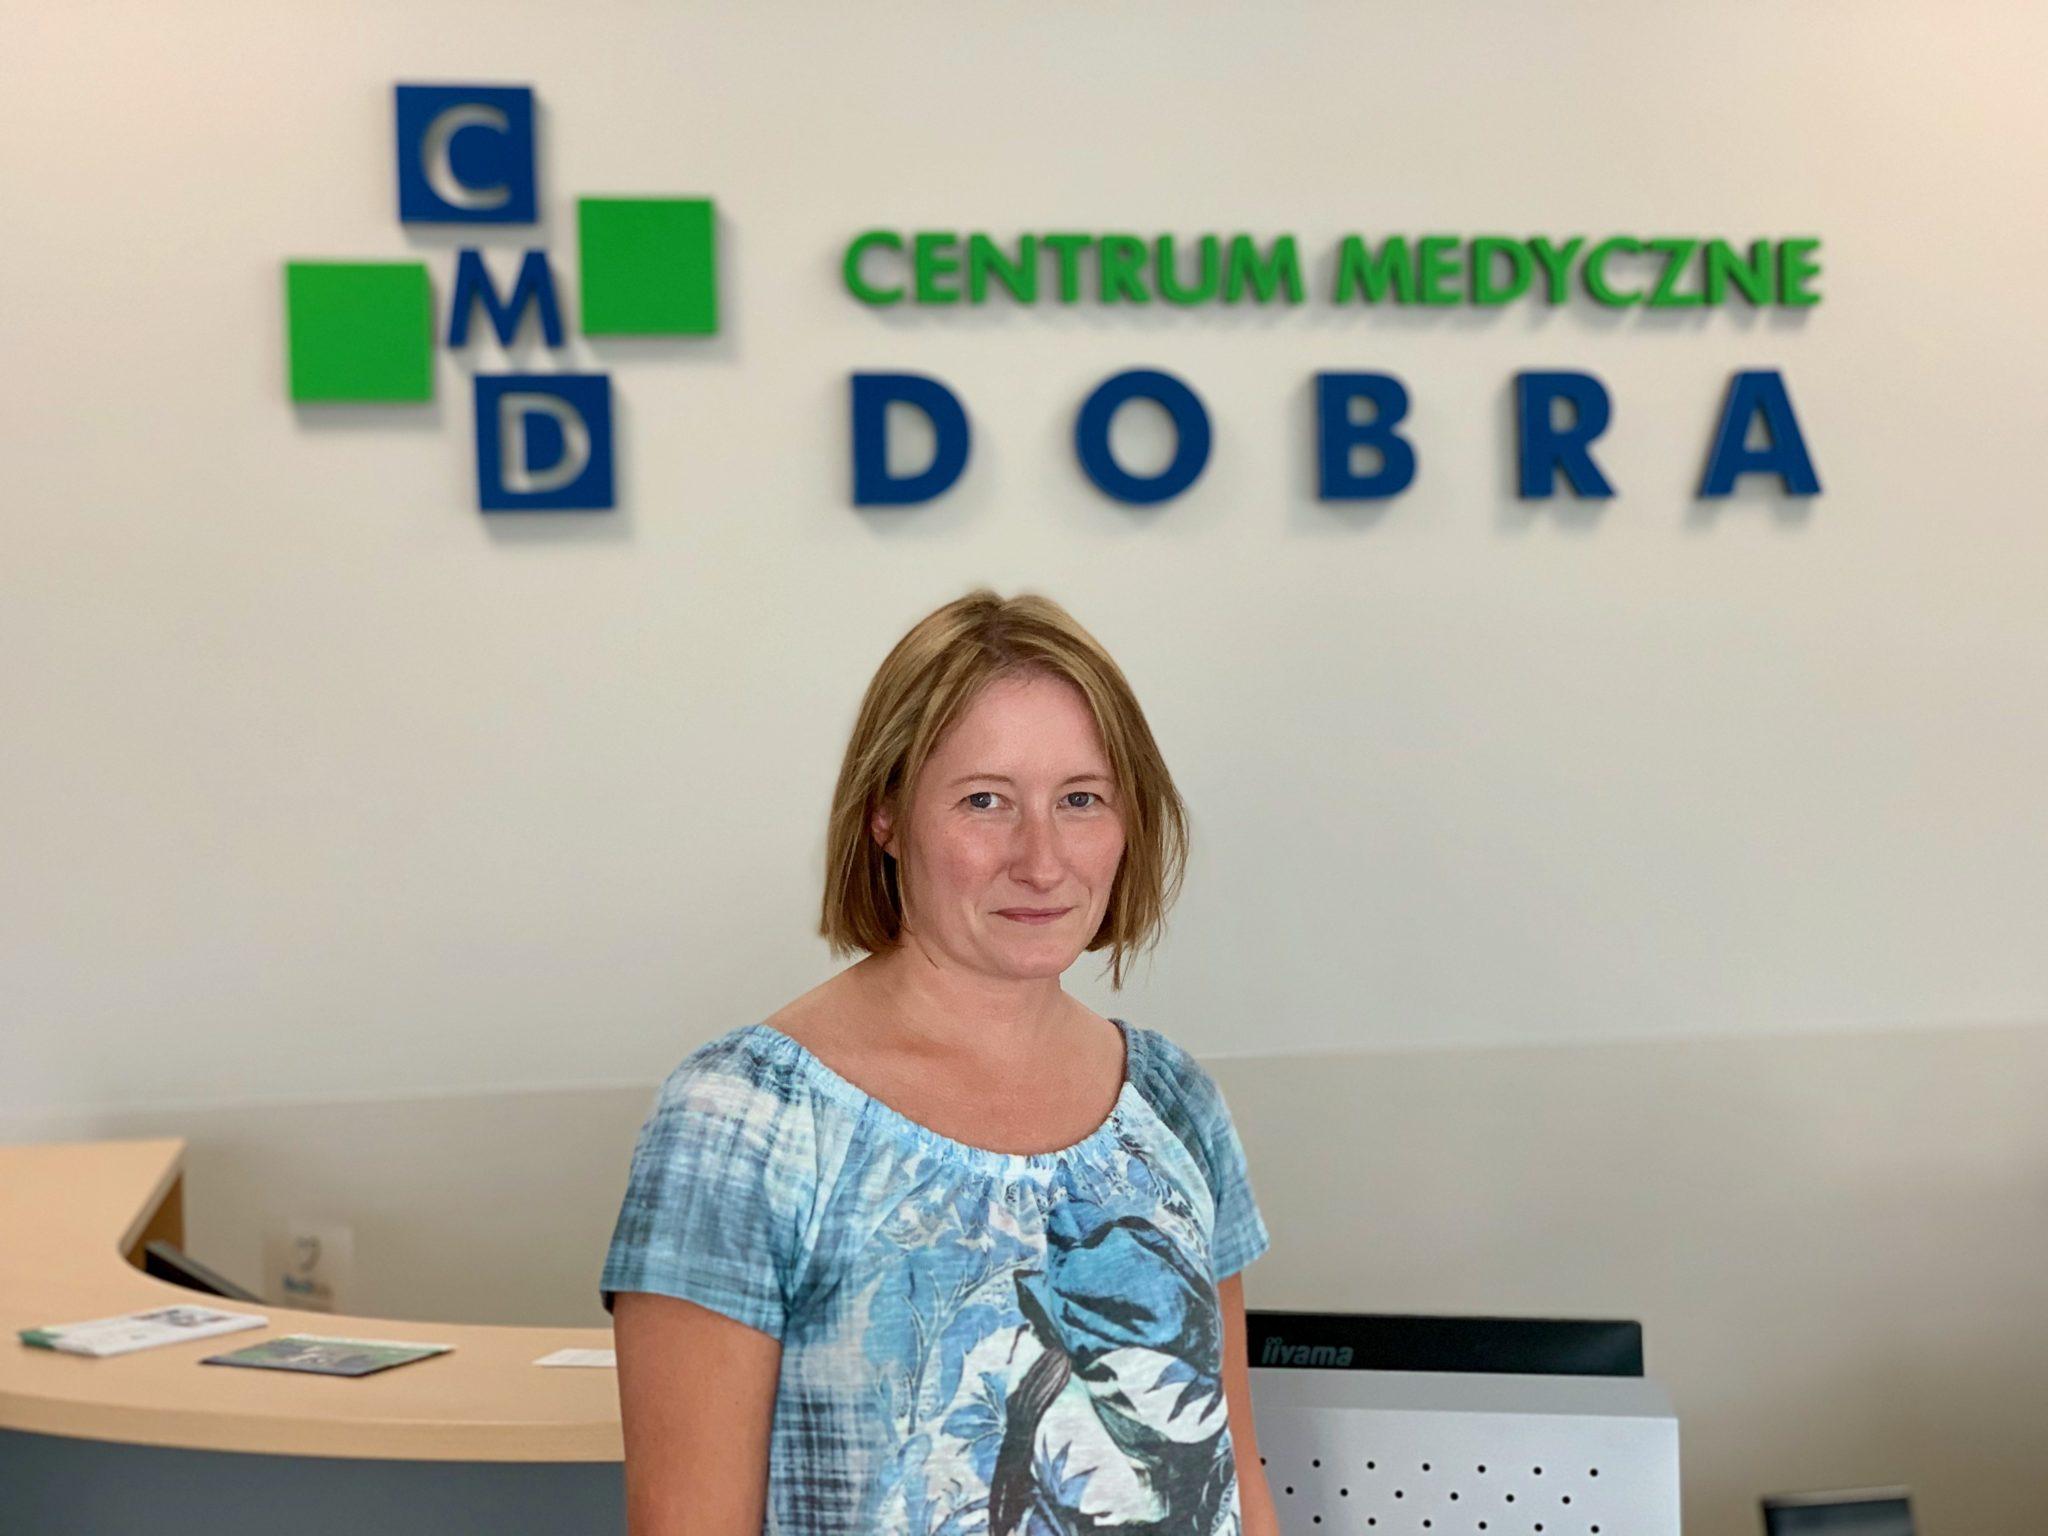 Gastrolog w CMD